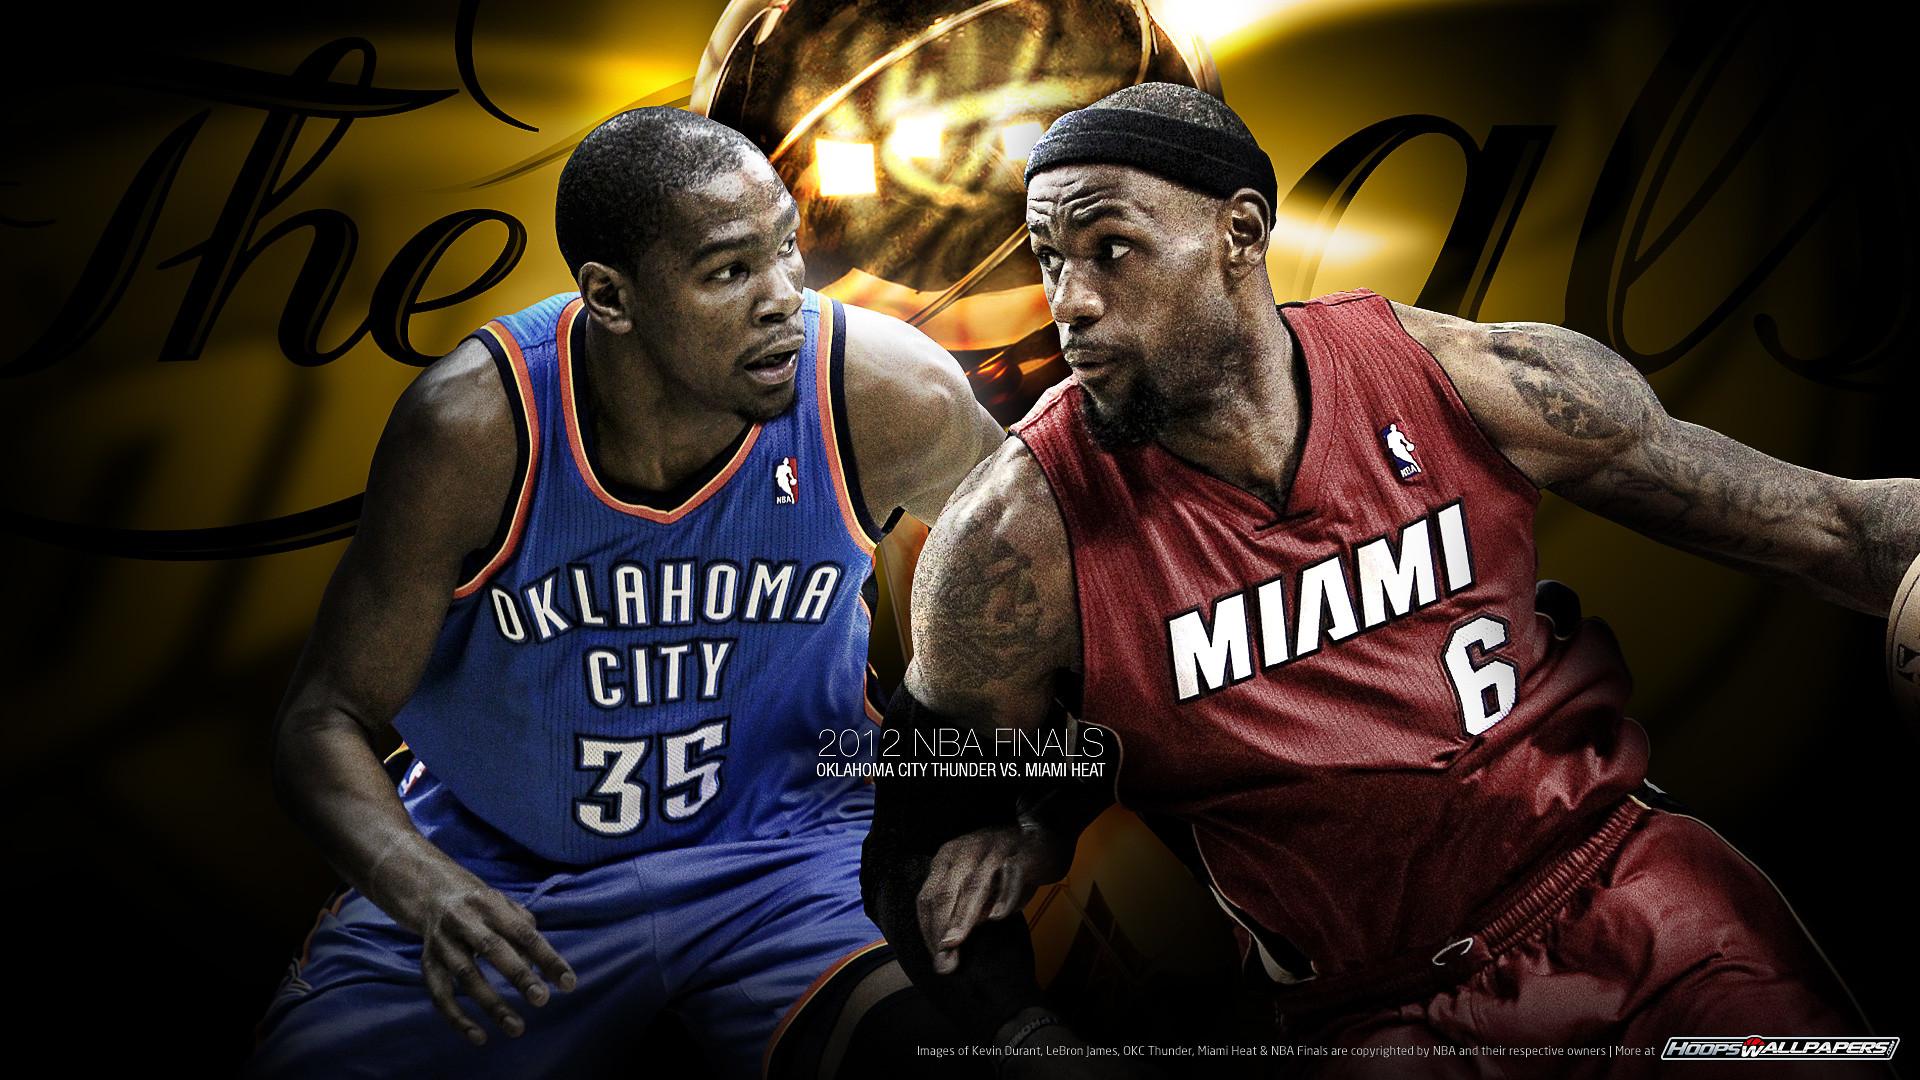 nba wallpaper. NBA Finals 2012: Miami Heat …